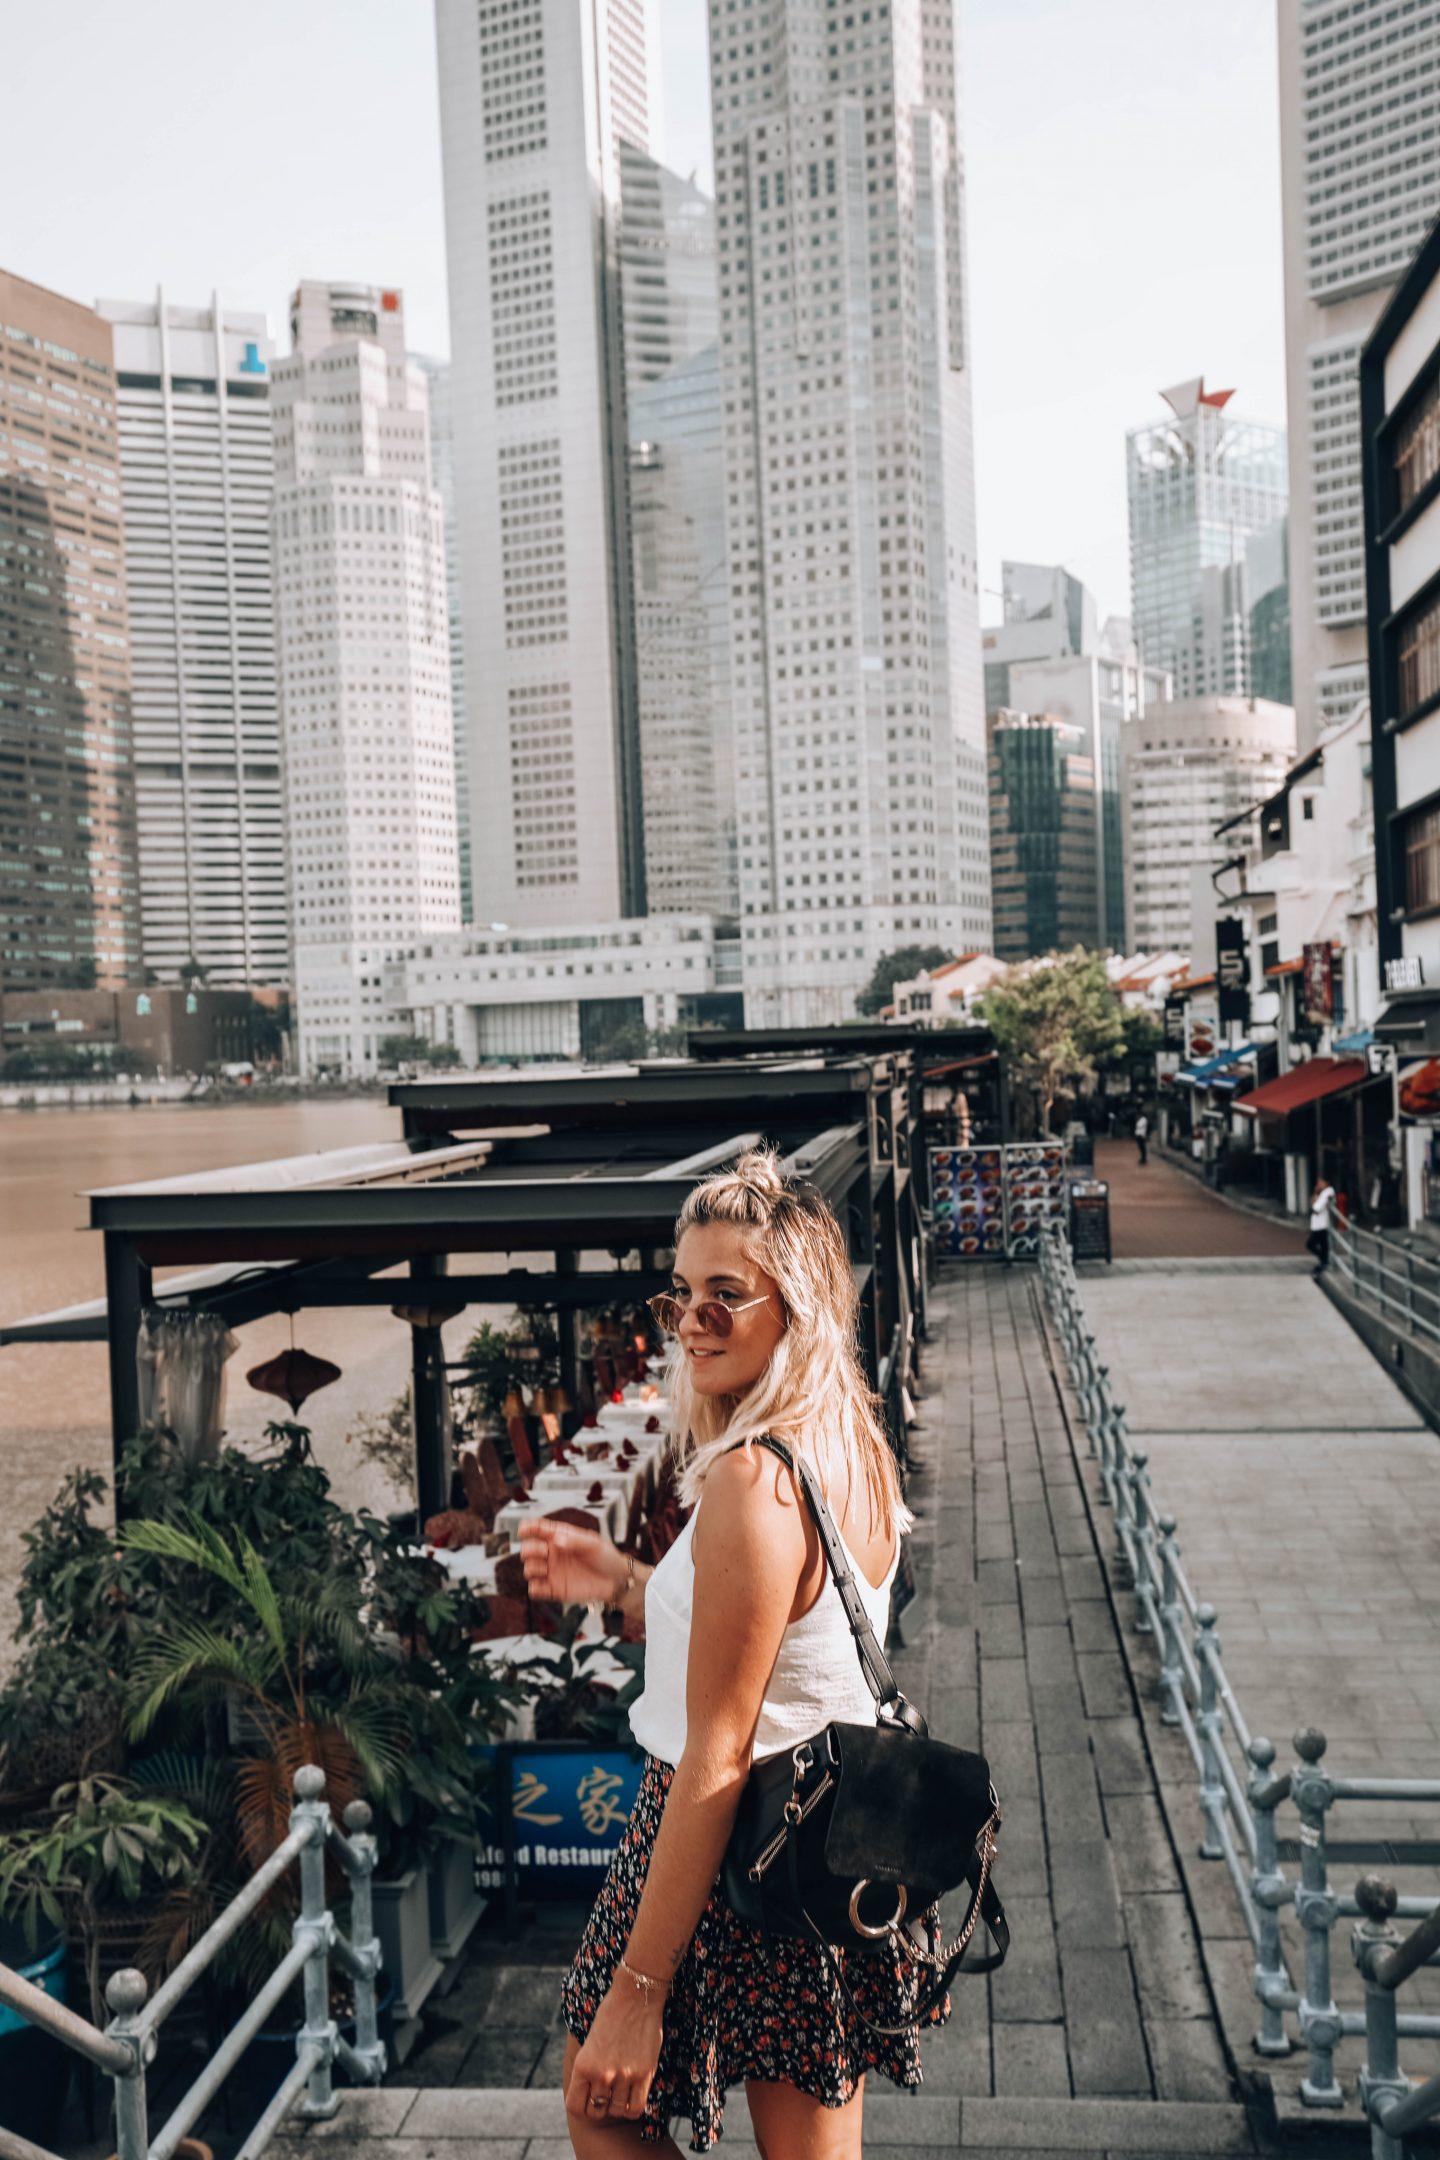 Boat Quay Singapour - Blondie Baby blog mode Paris et voyages